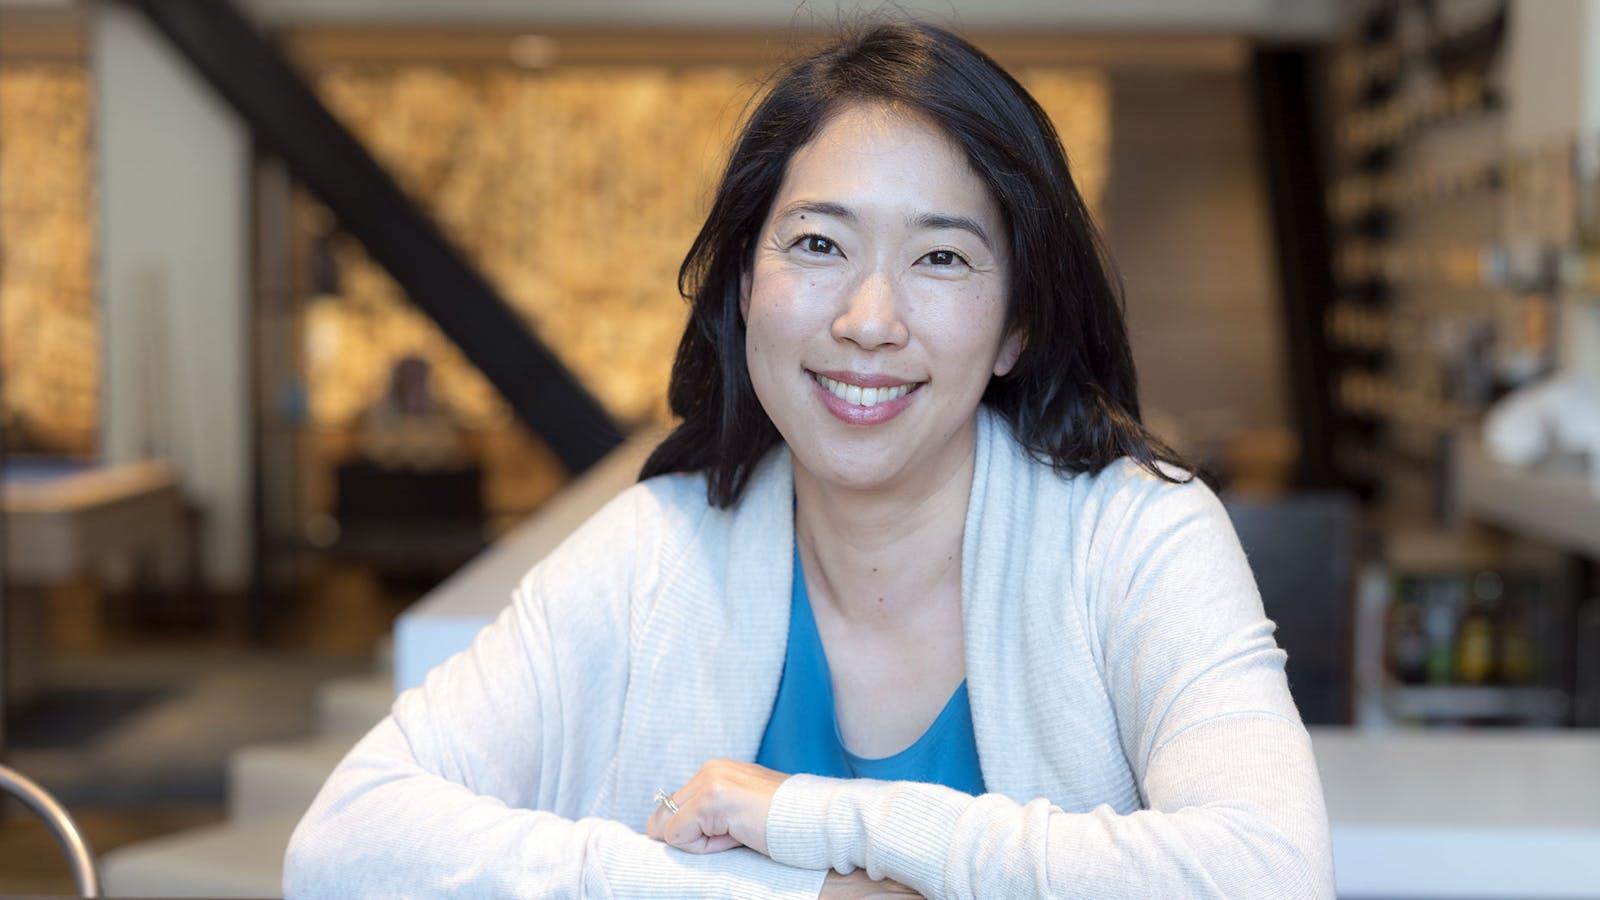 Ann Miura-Ko. Photo courtesy of Floodgate